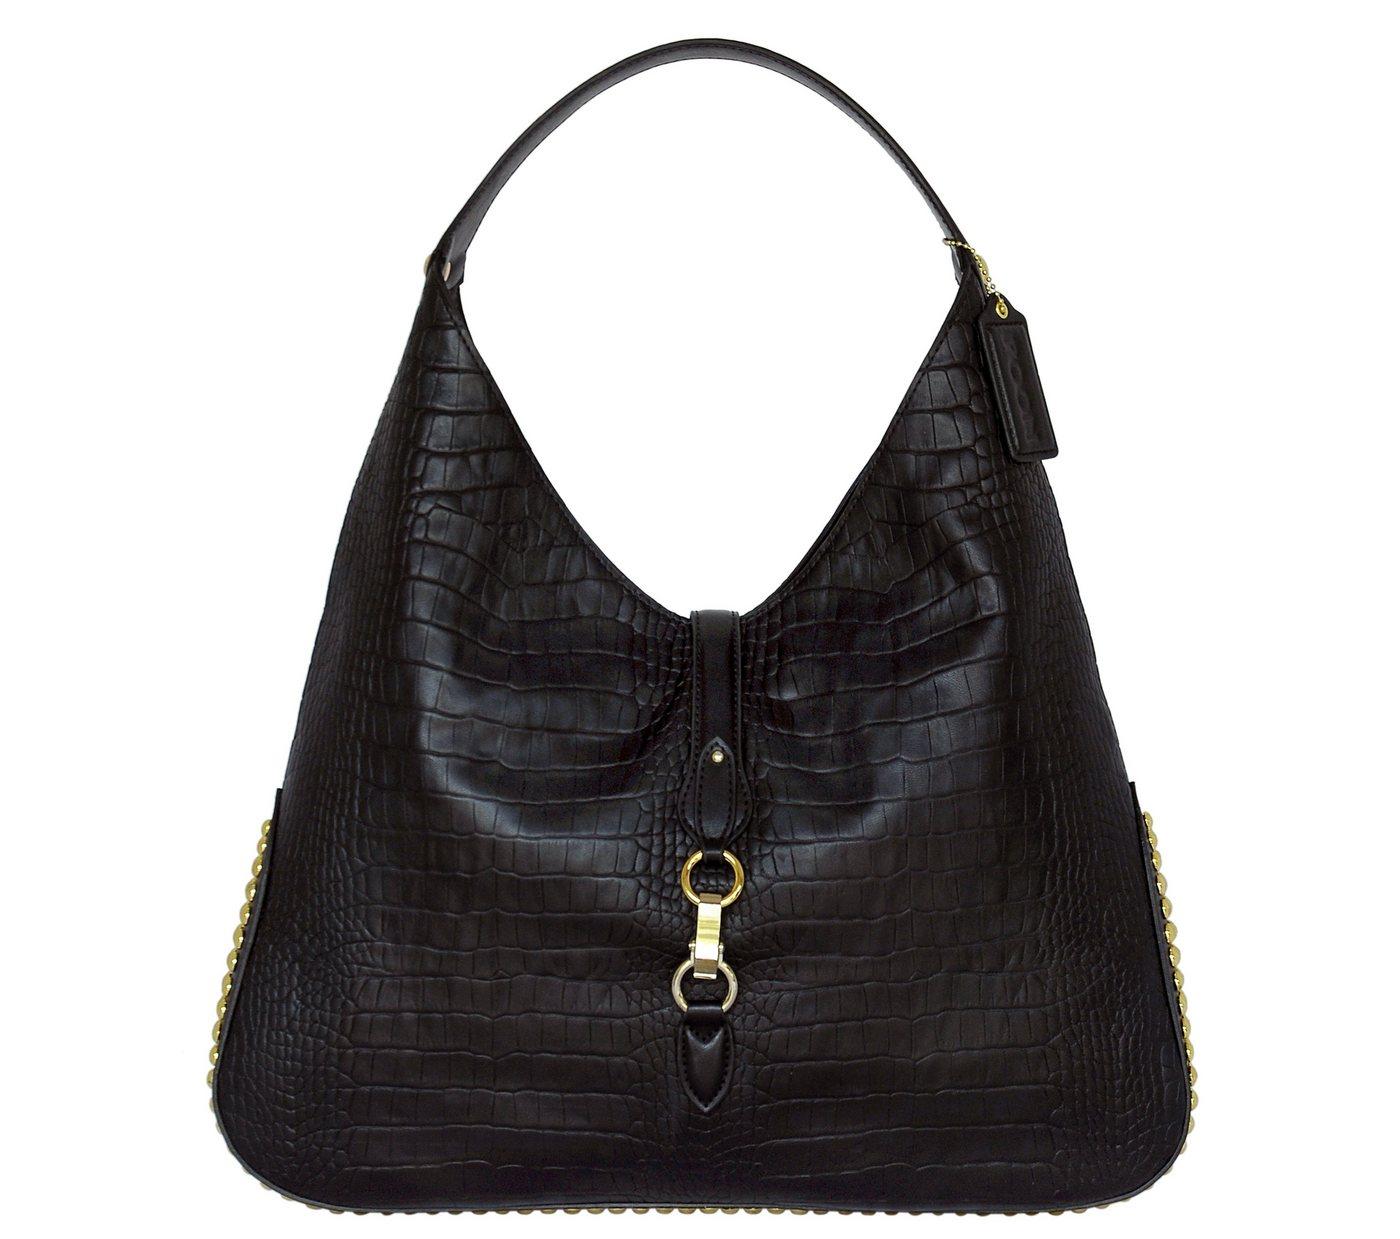 Damen POON Switzerland Lederhand- und Schultertasche mit Schlossverschluss schwarz | 00634154734384